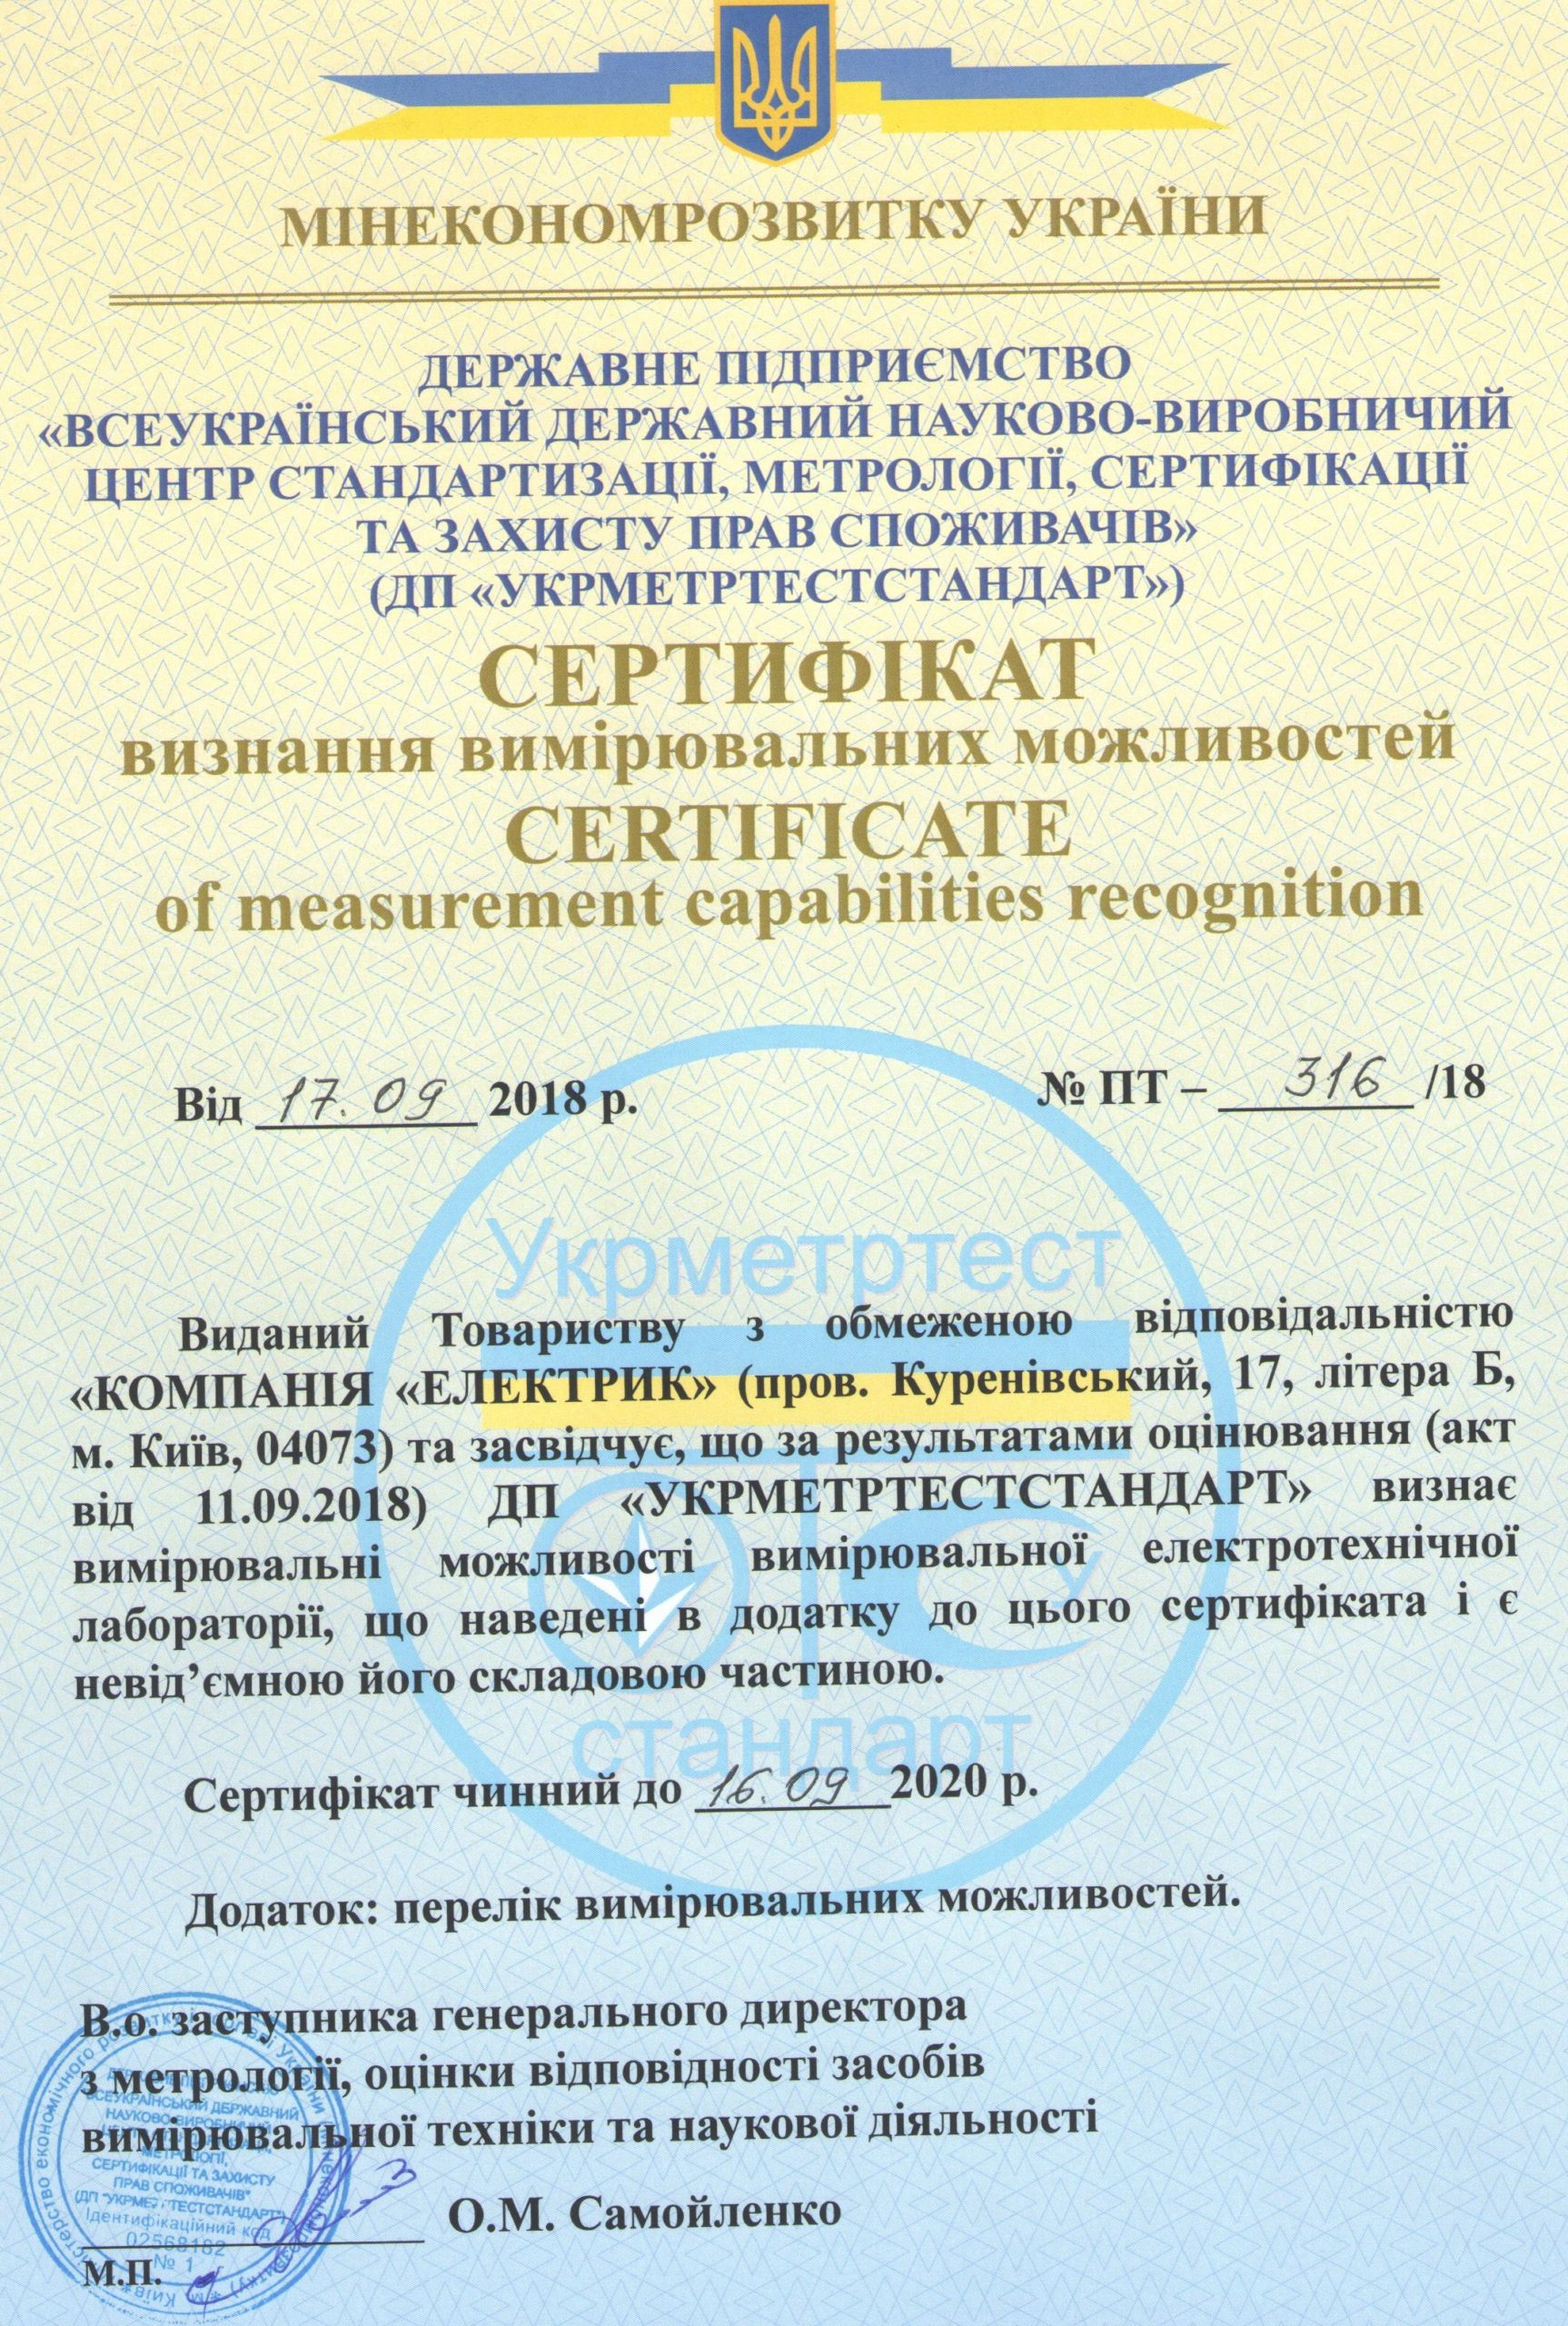 Сертифікат 2018-2020